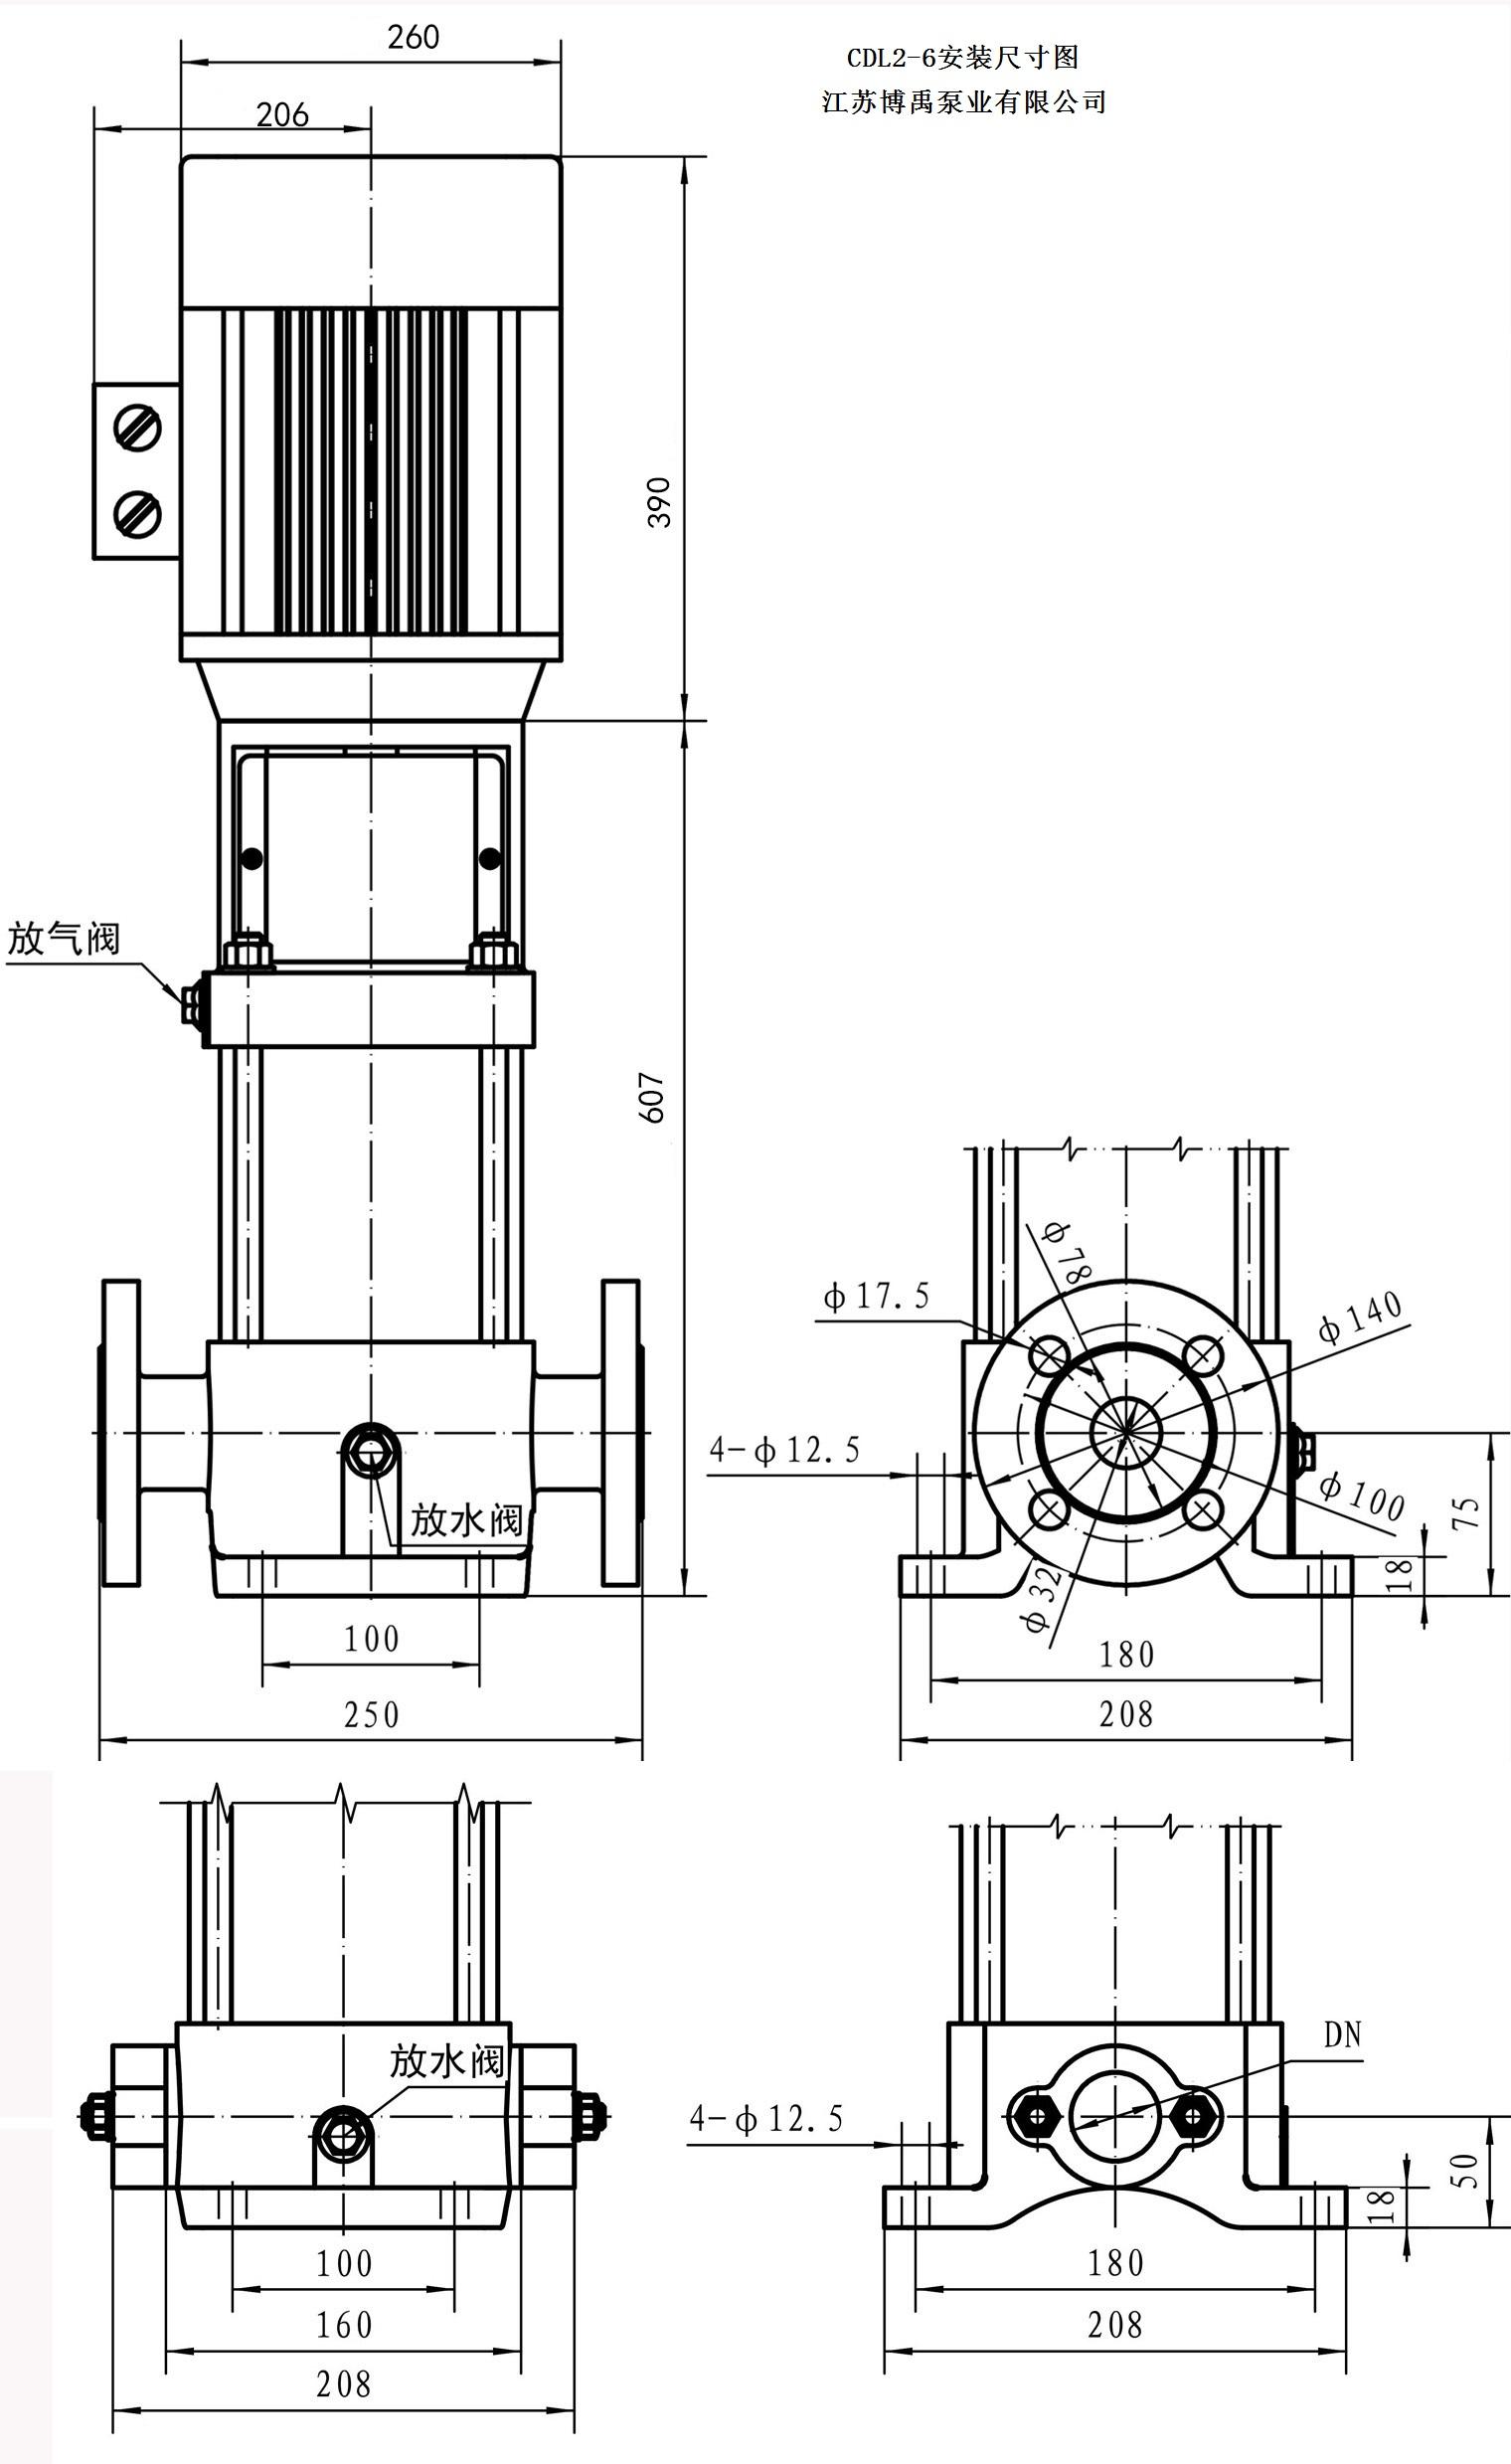 QDL20-60水泵性能参数